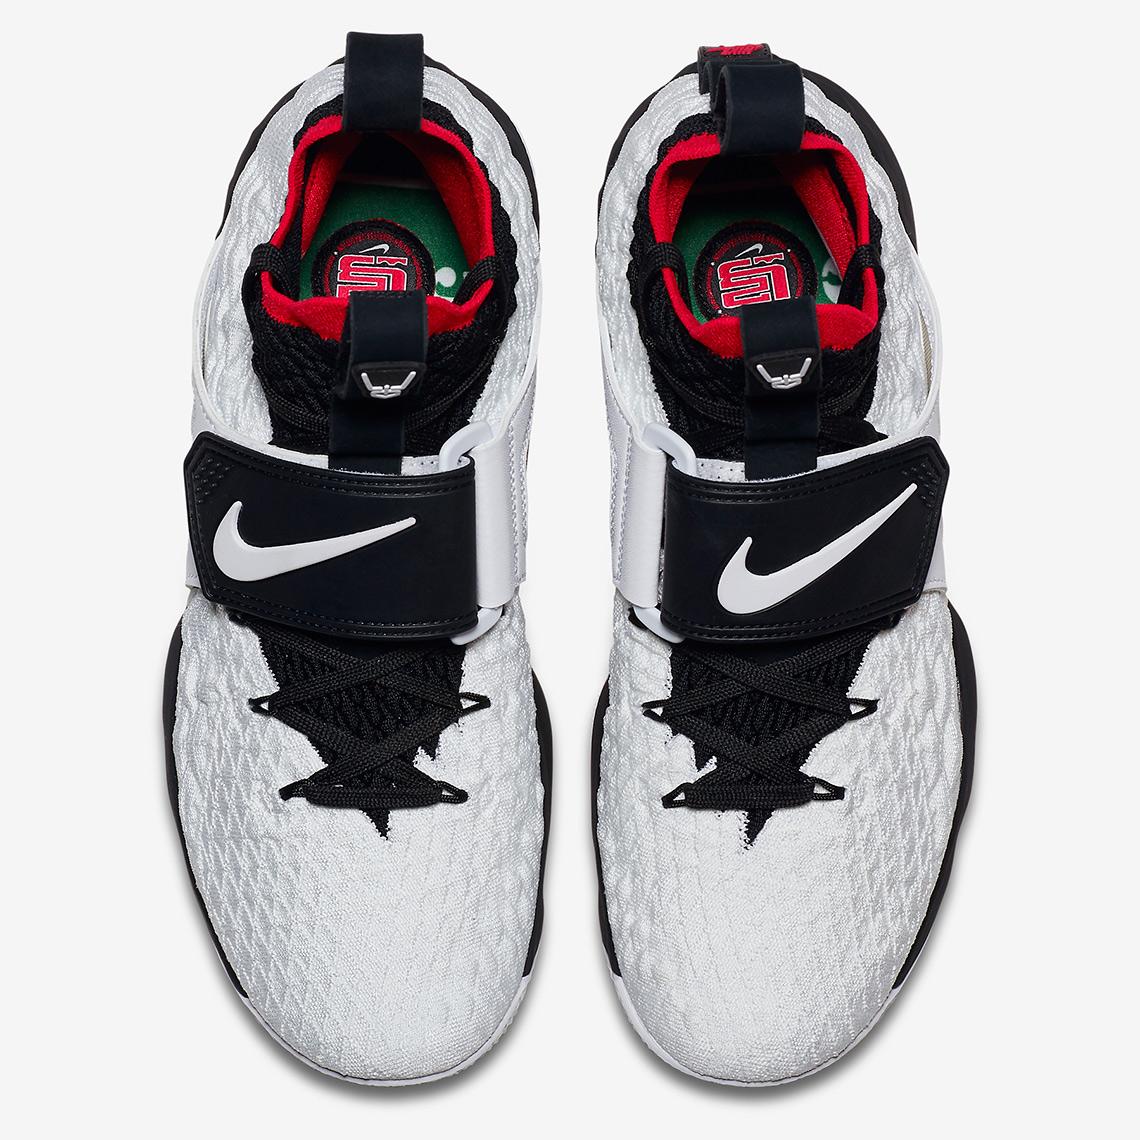 uk availability e6a5b 38cfa Nike Deion Sanders Diamond Turf LeBron 15 Shoes ...